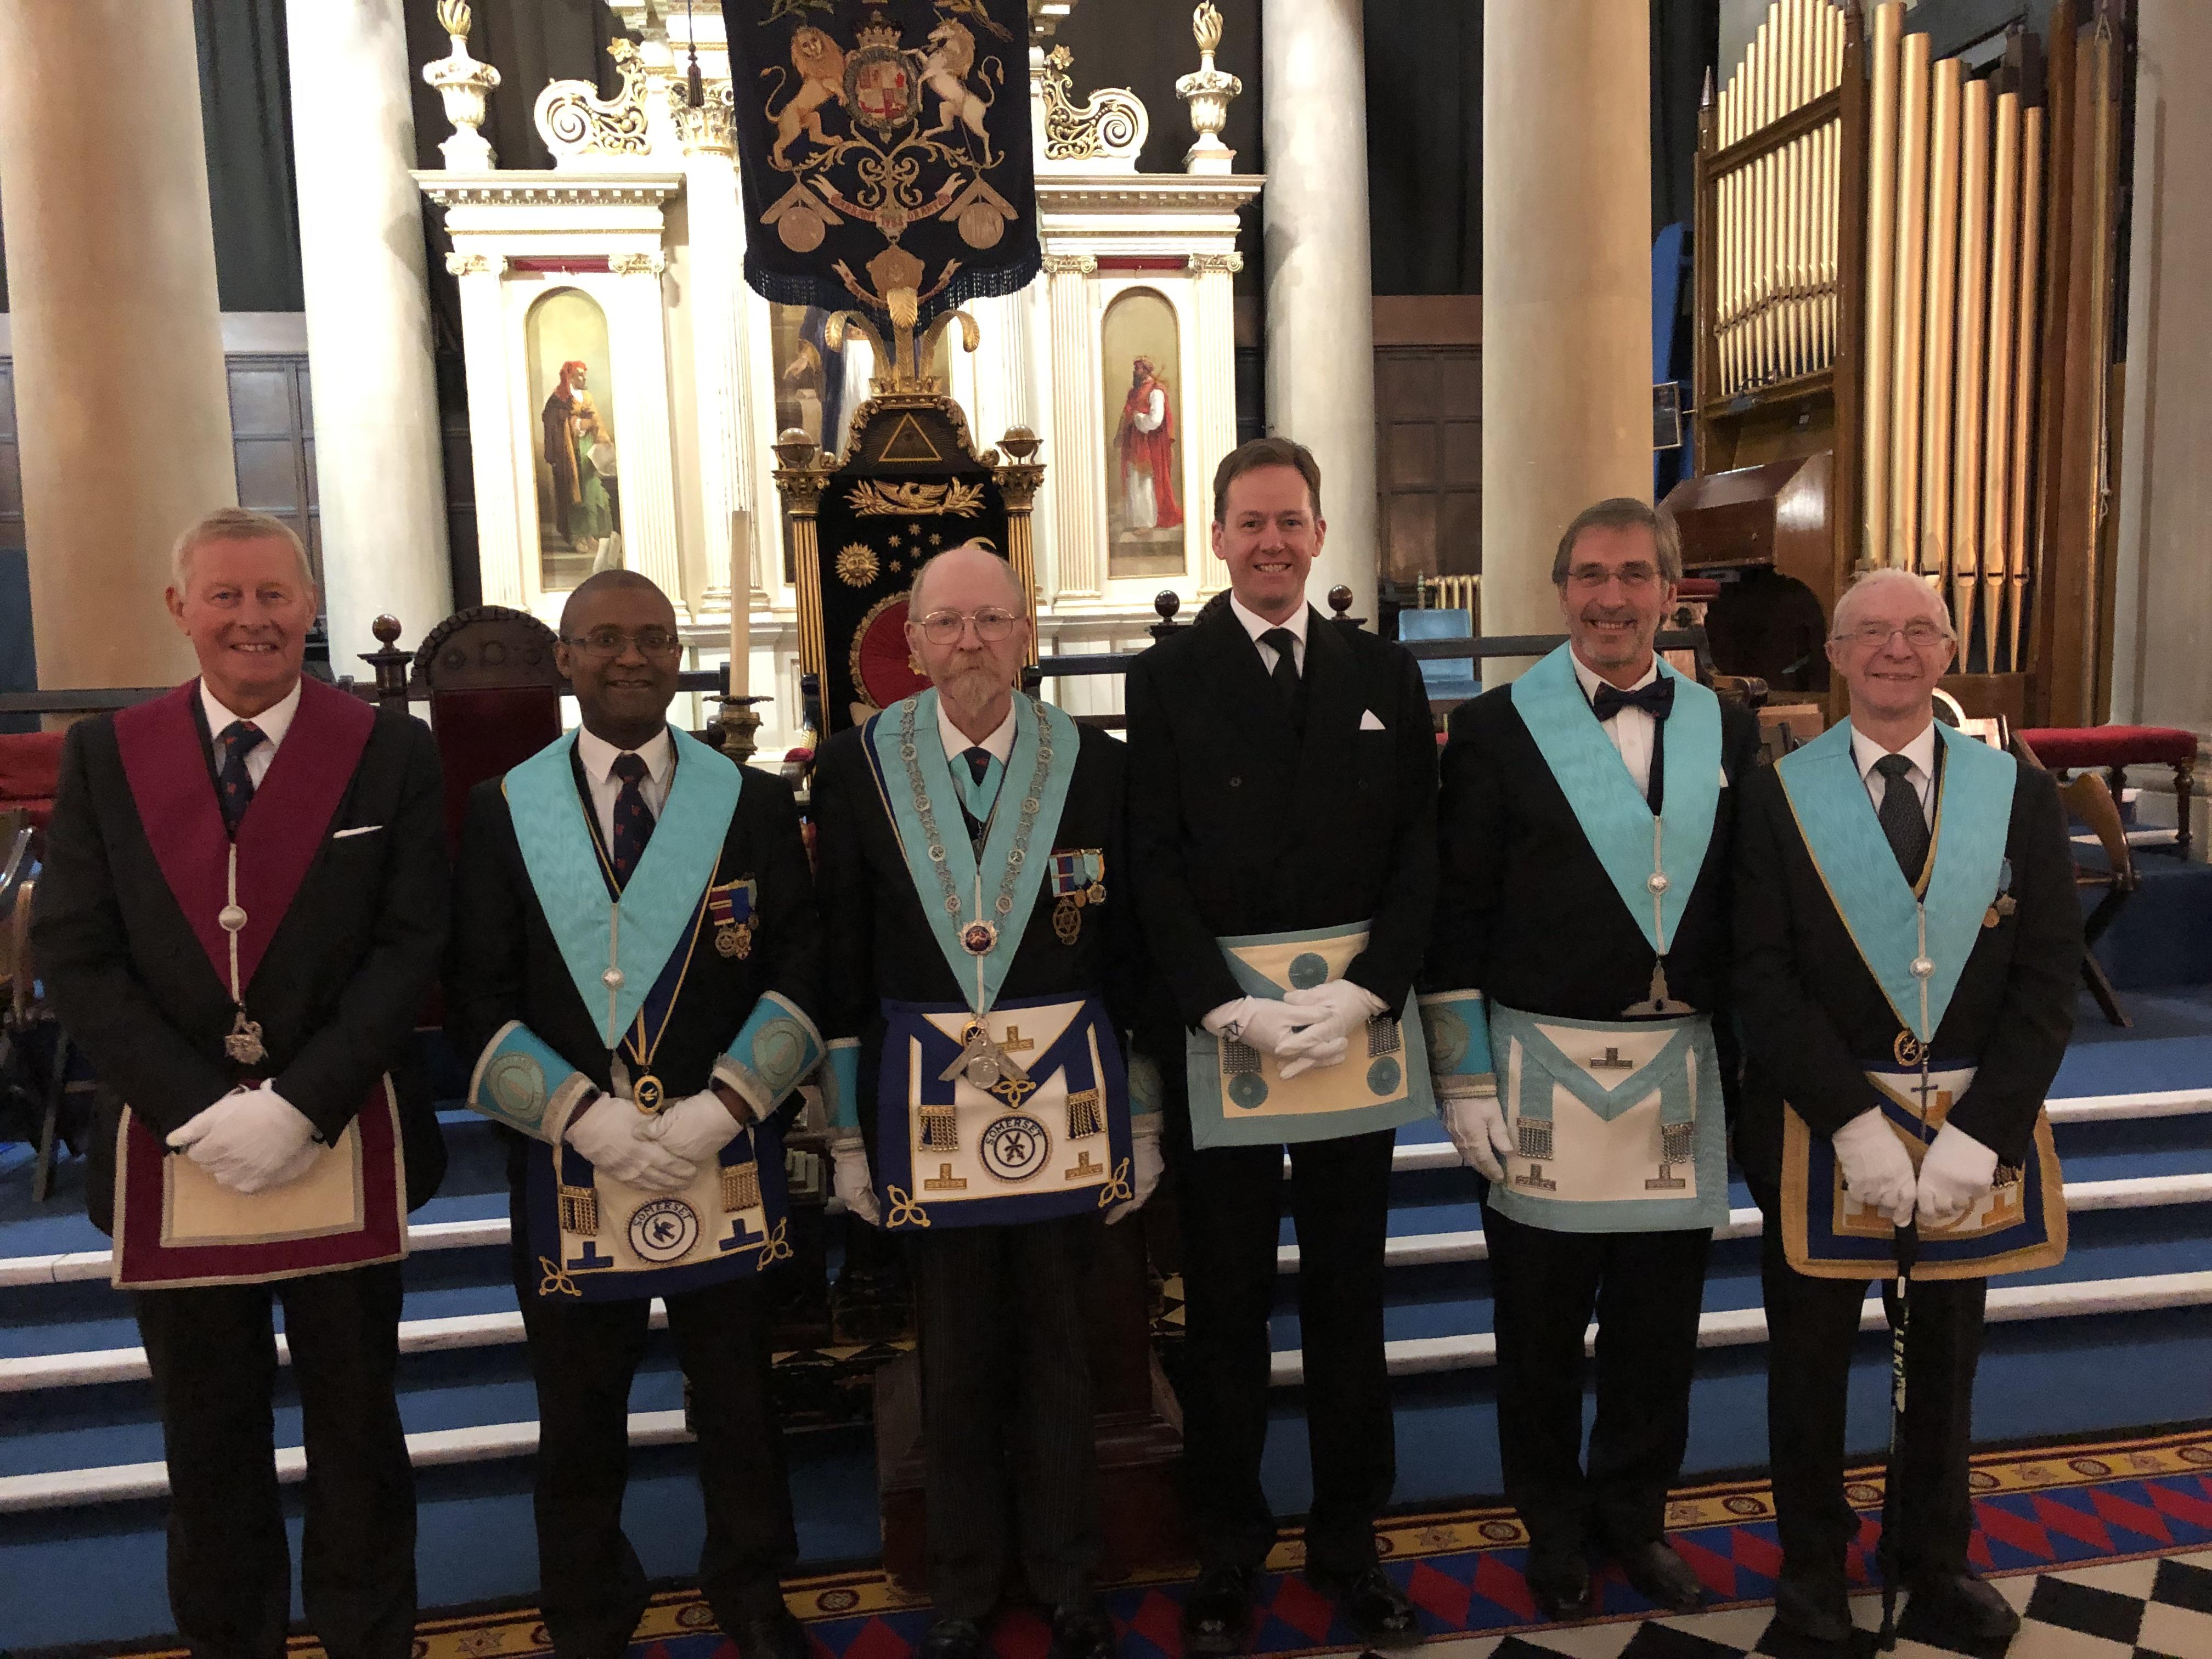 Raising Ceremony at Royal Cumberland Lodge no. 41